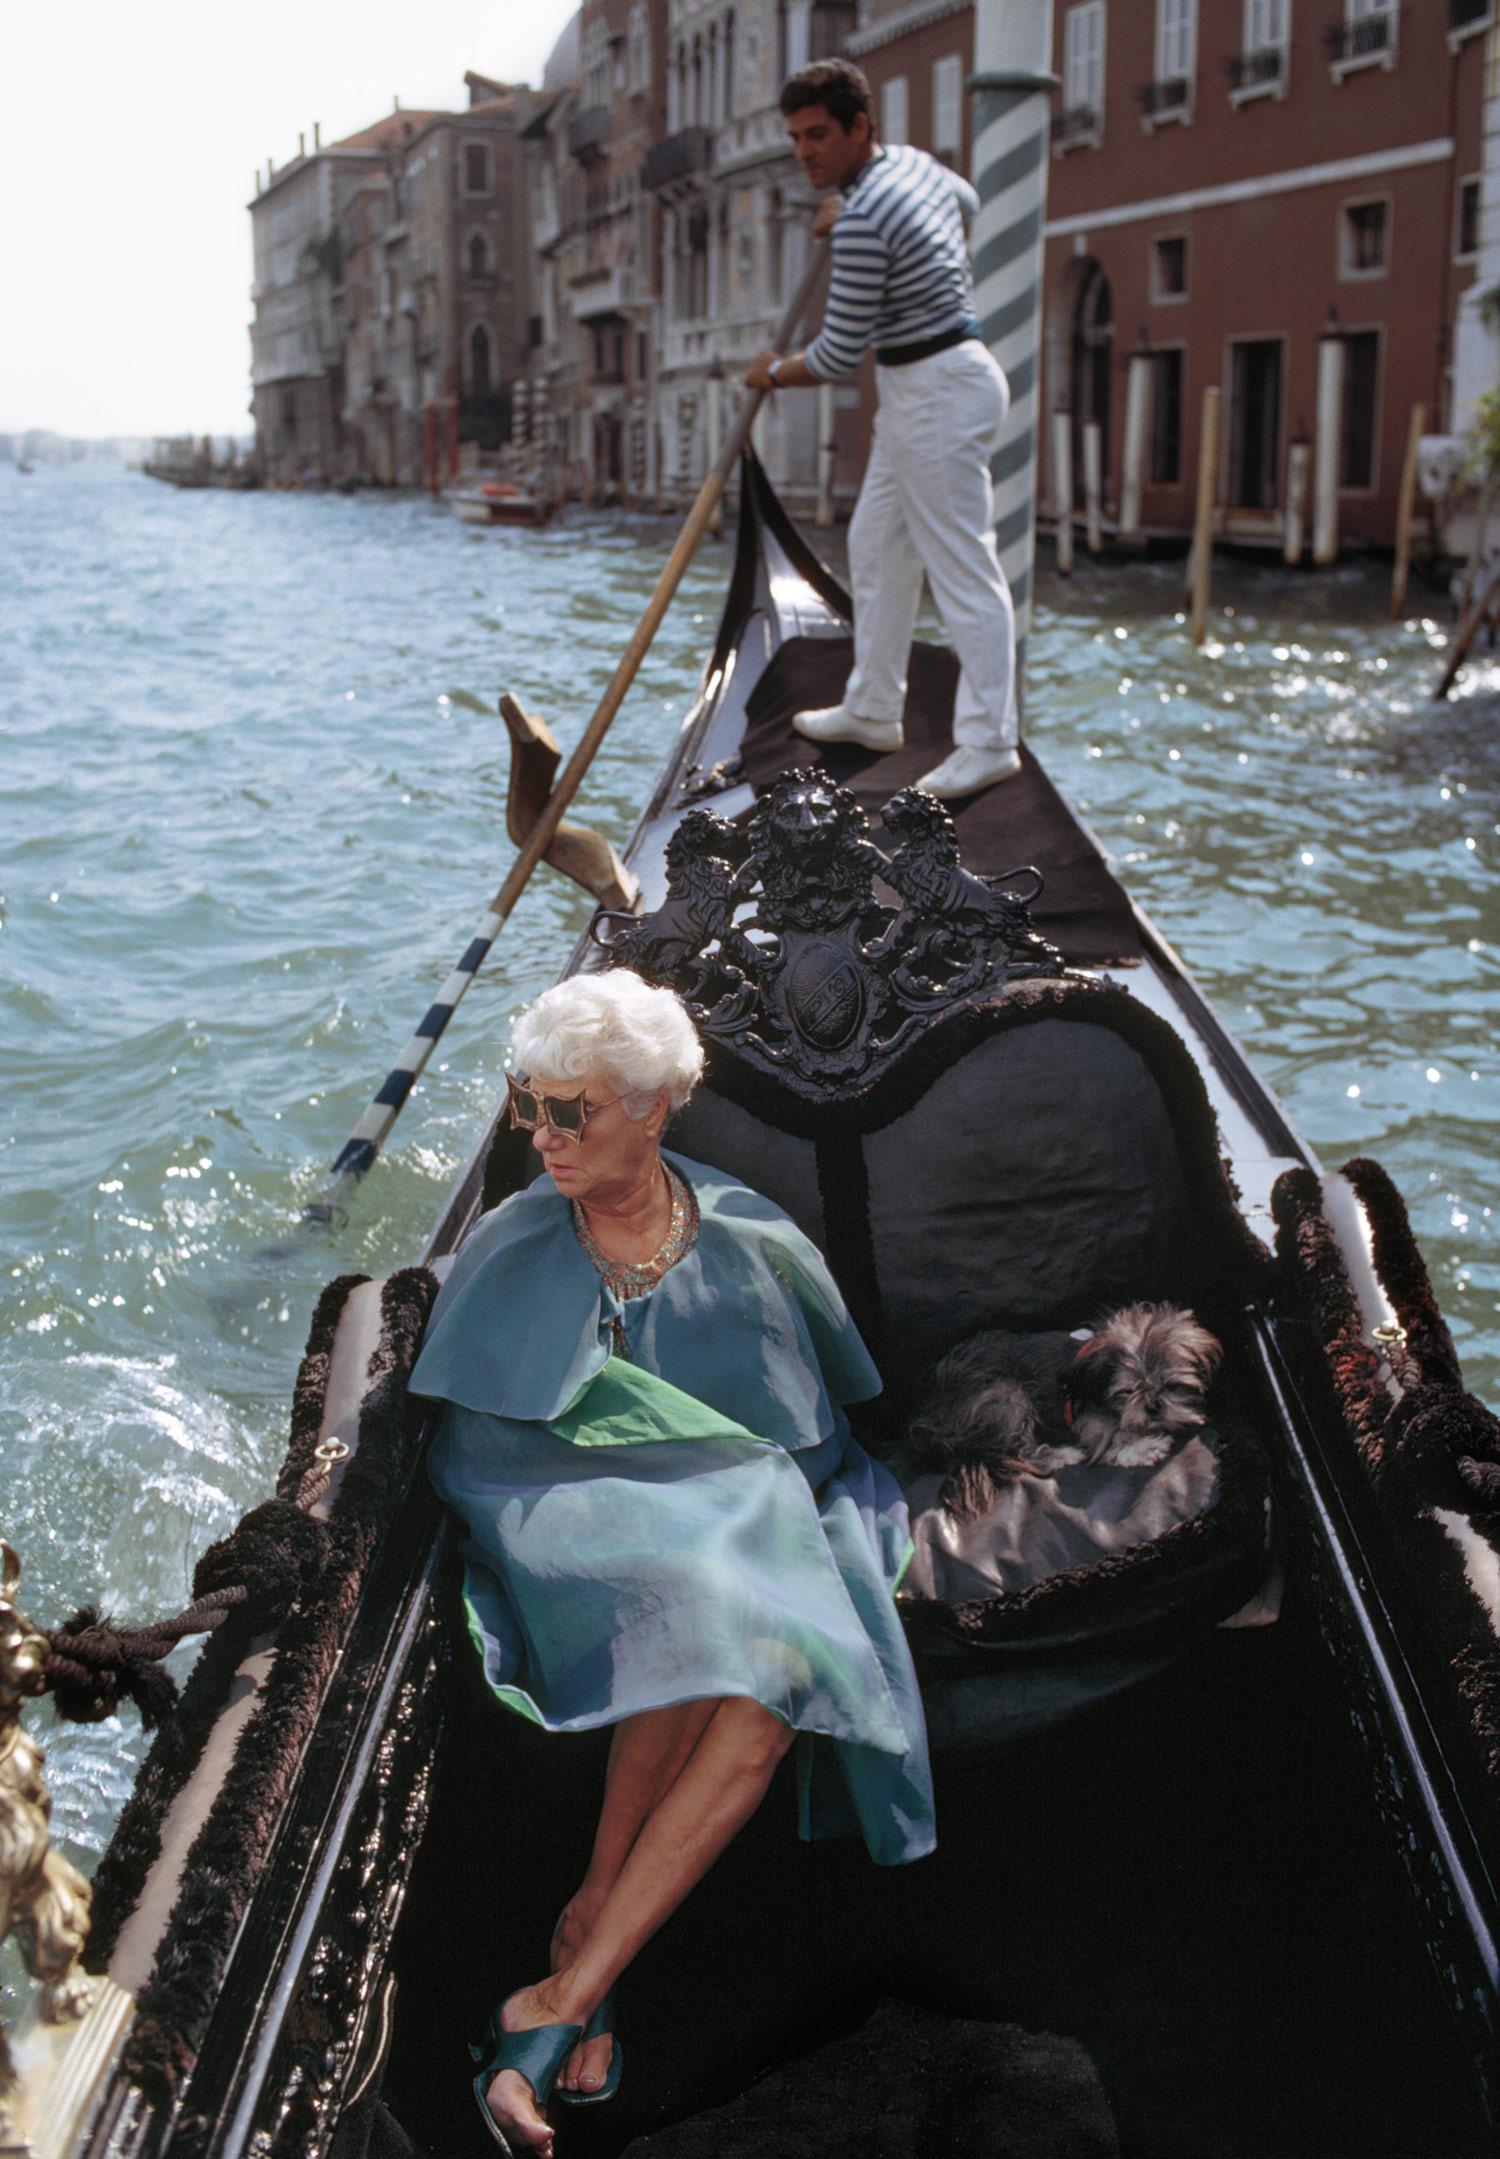 Peggy Guggenheim in gondola, Venezia, 1968. Photo Tony Vaccaro / Tony Vaccaro Archives